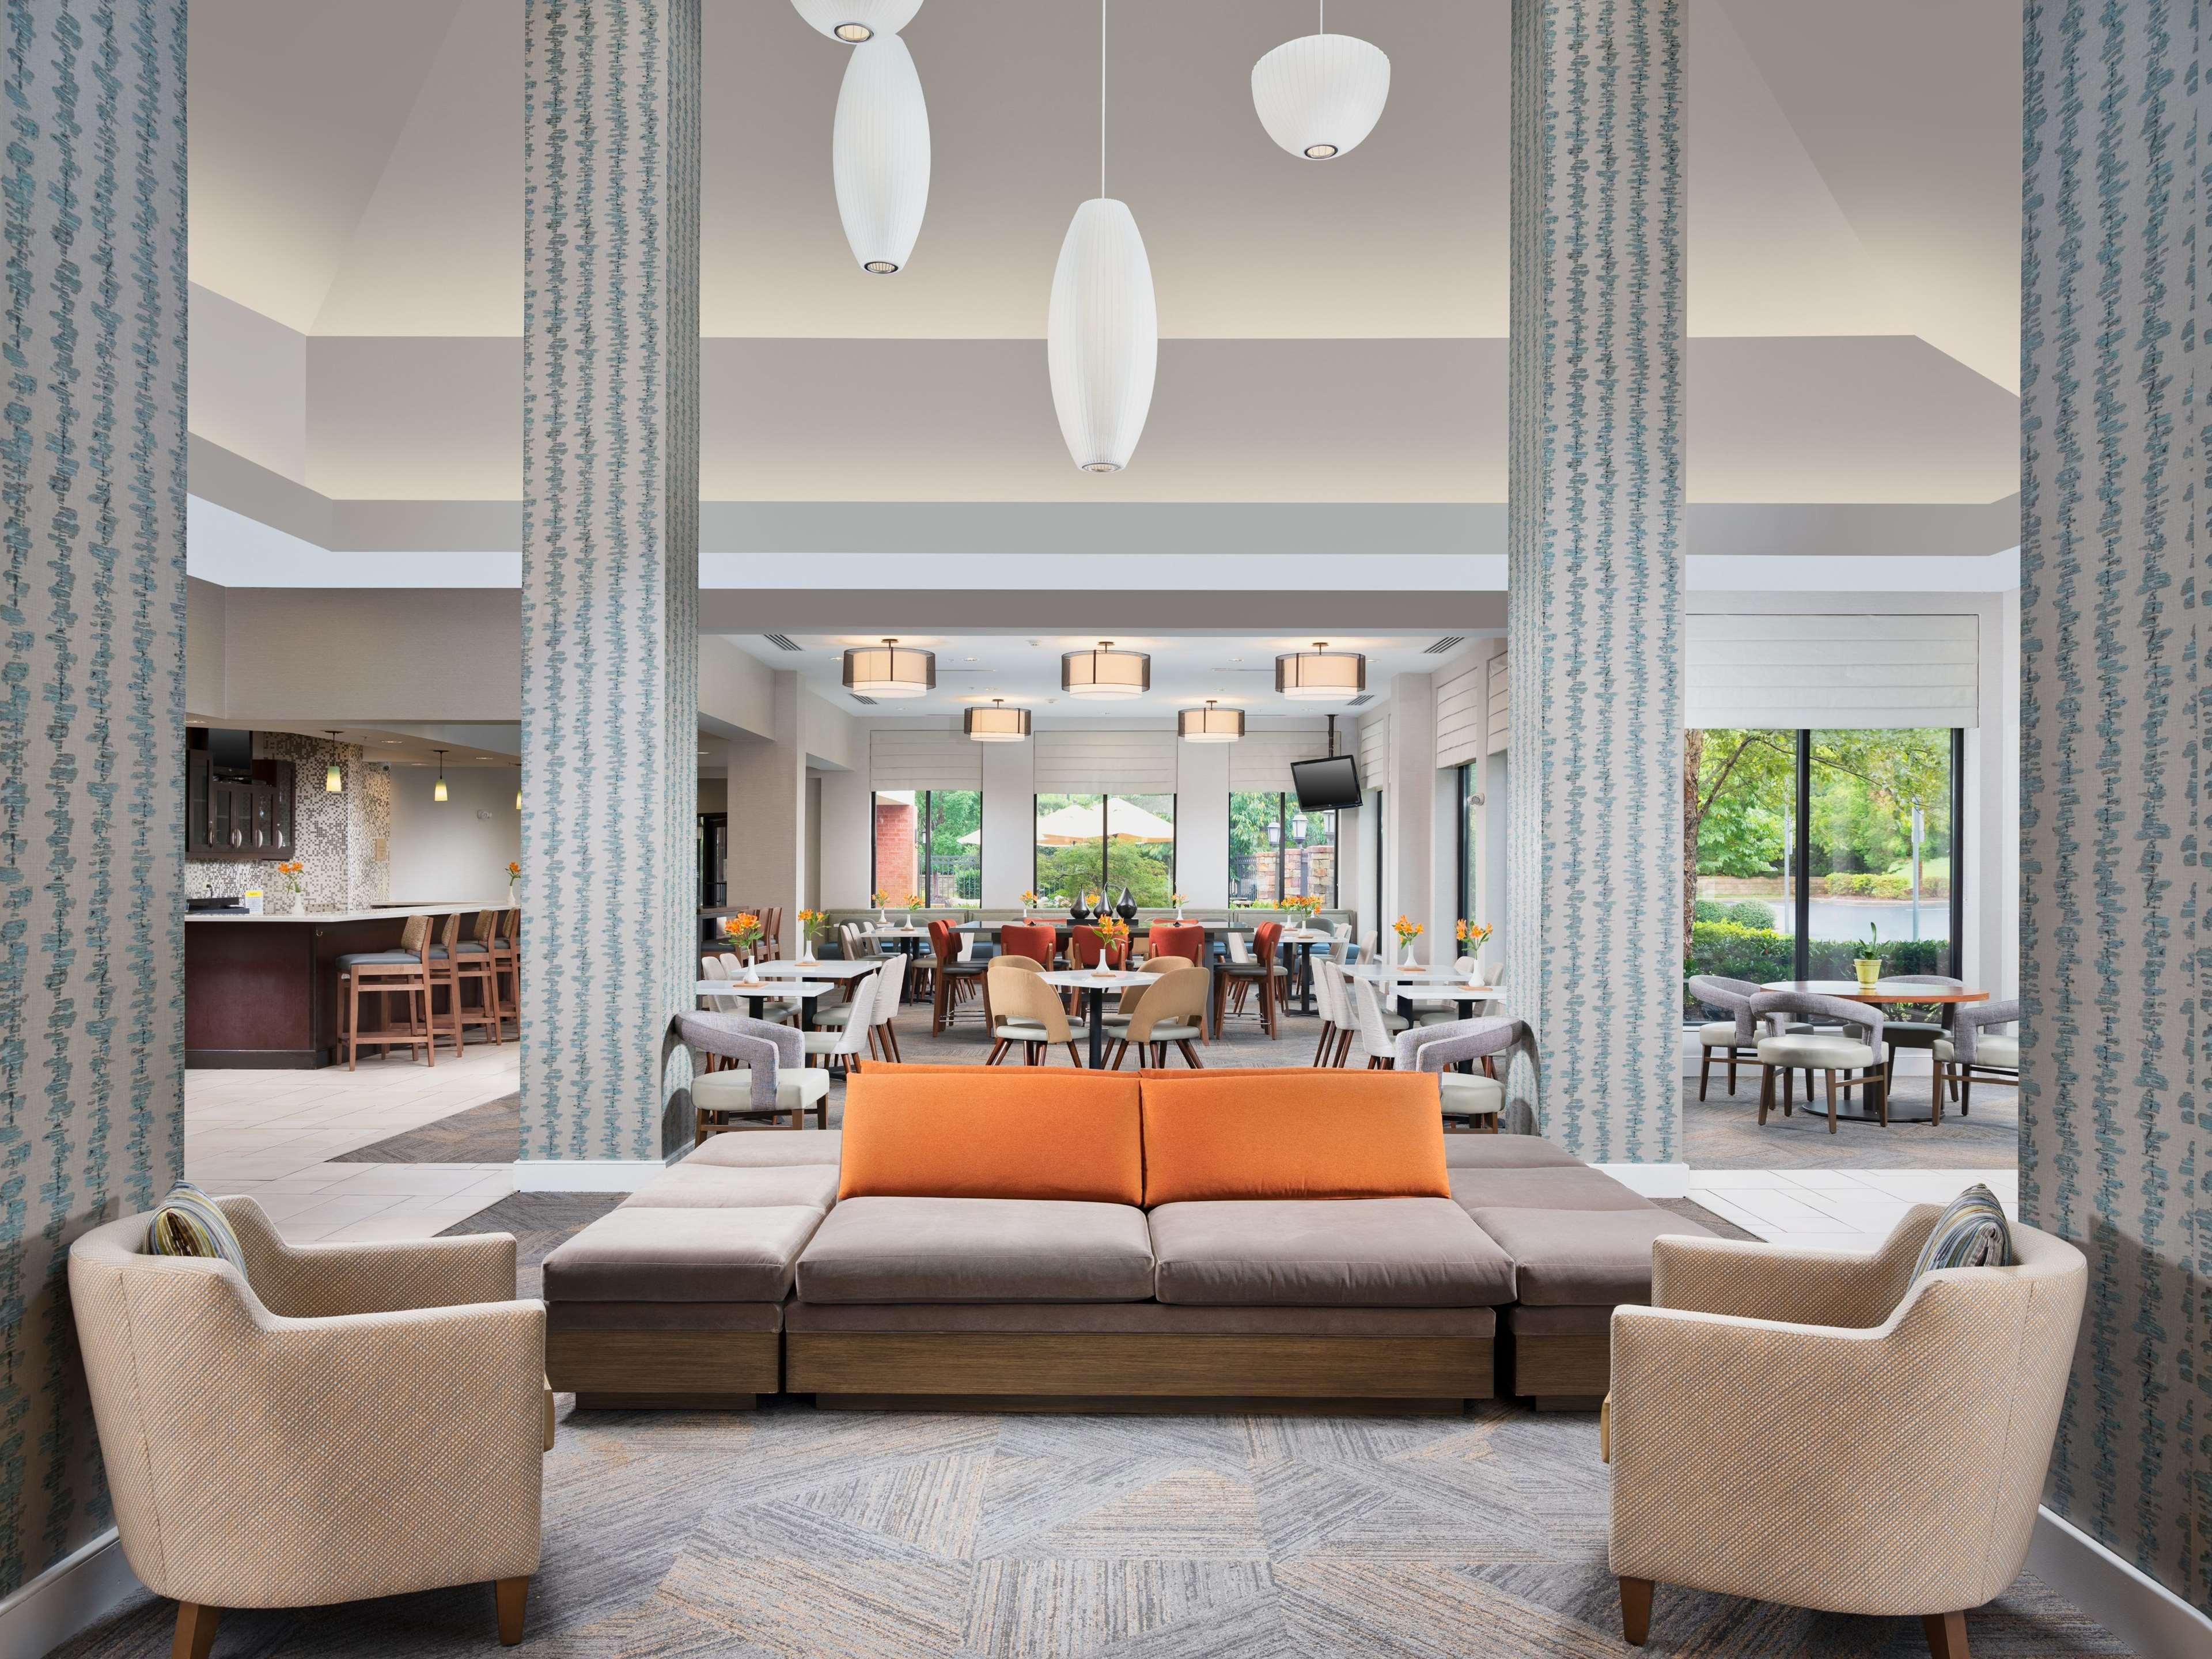 Hilton Garden Inn Nashville/Franklin Cool Springs